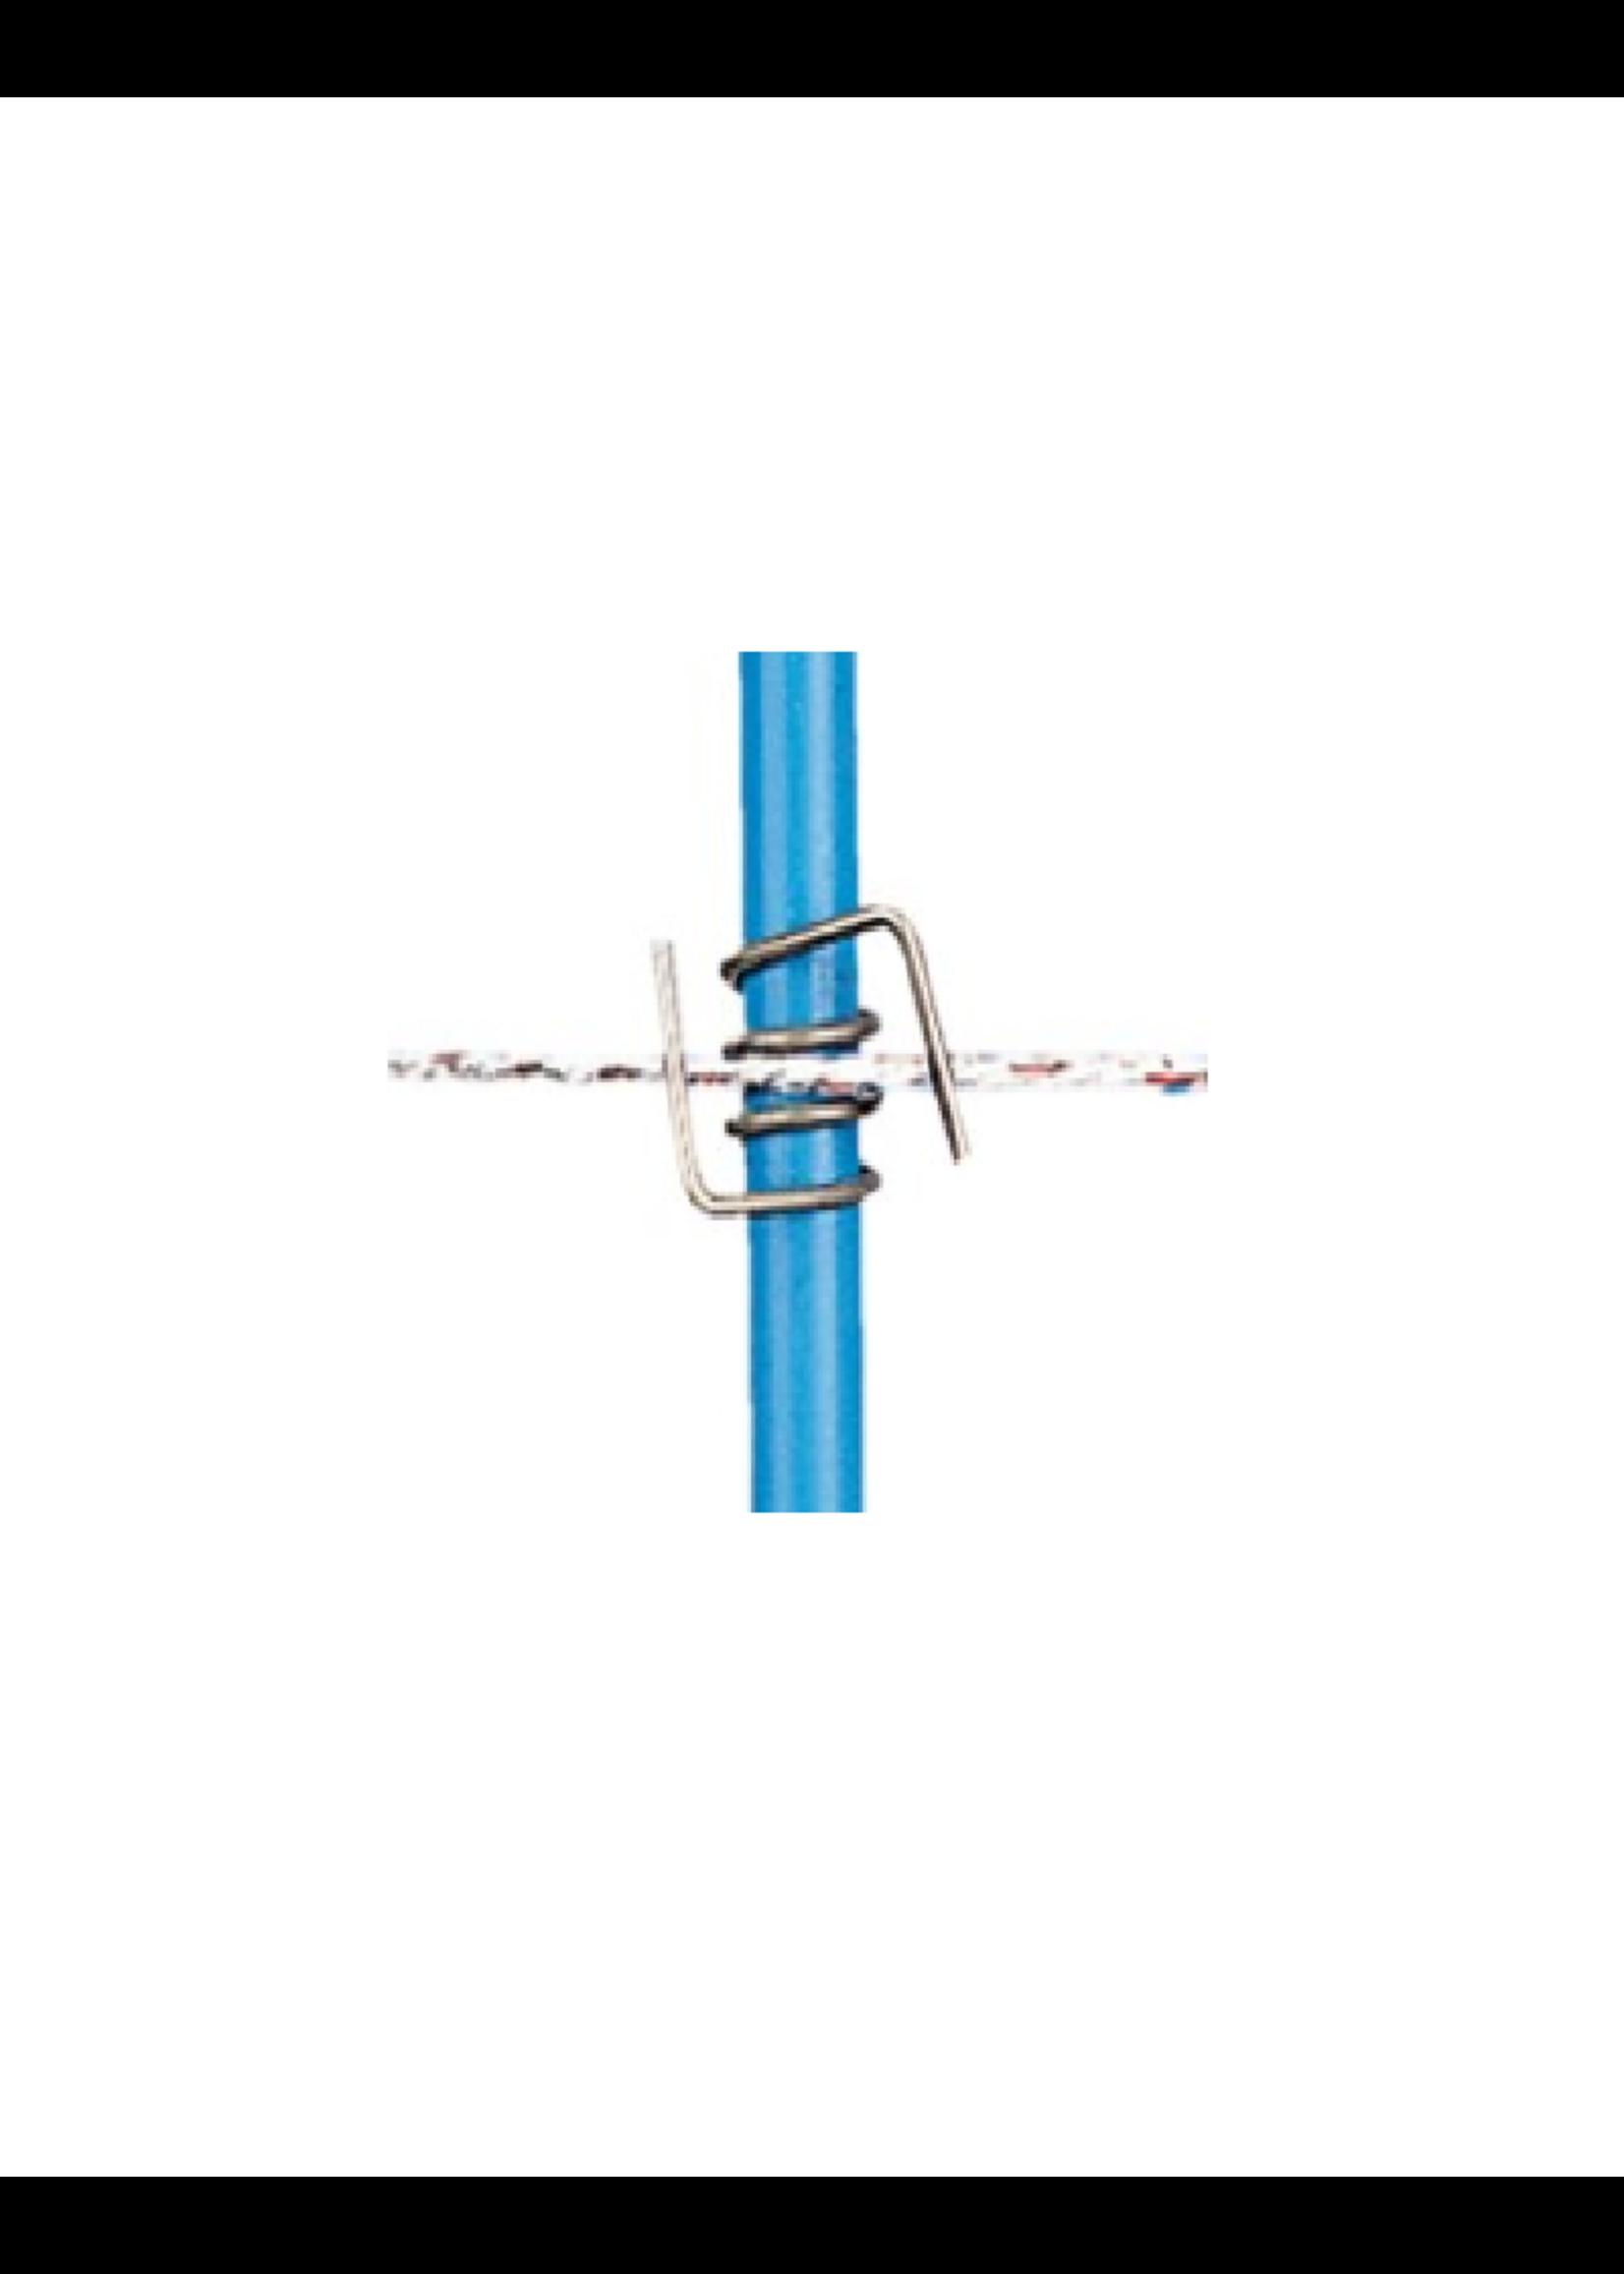 Gallagher Gallagher verstelbaar veertje voor kunststofpaal (ø 13mm, 10 stuks) (003266)